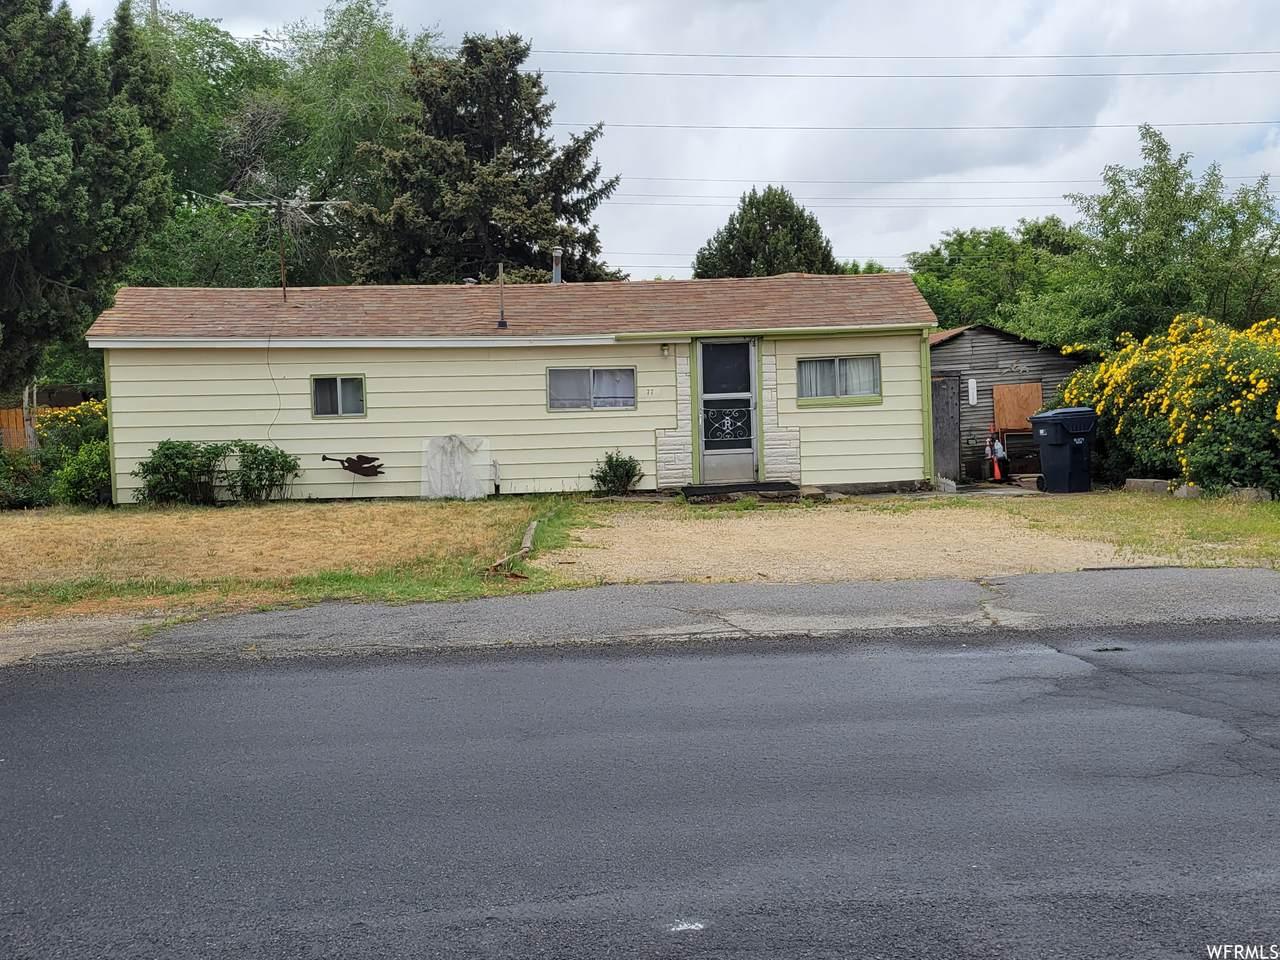 77 Cottage Ave - Photo 1